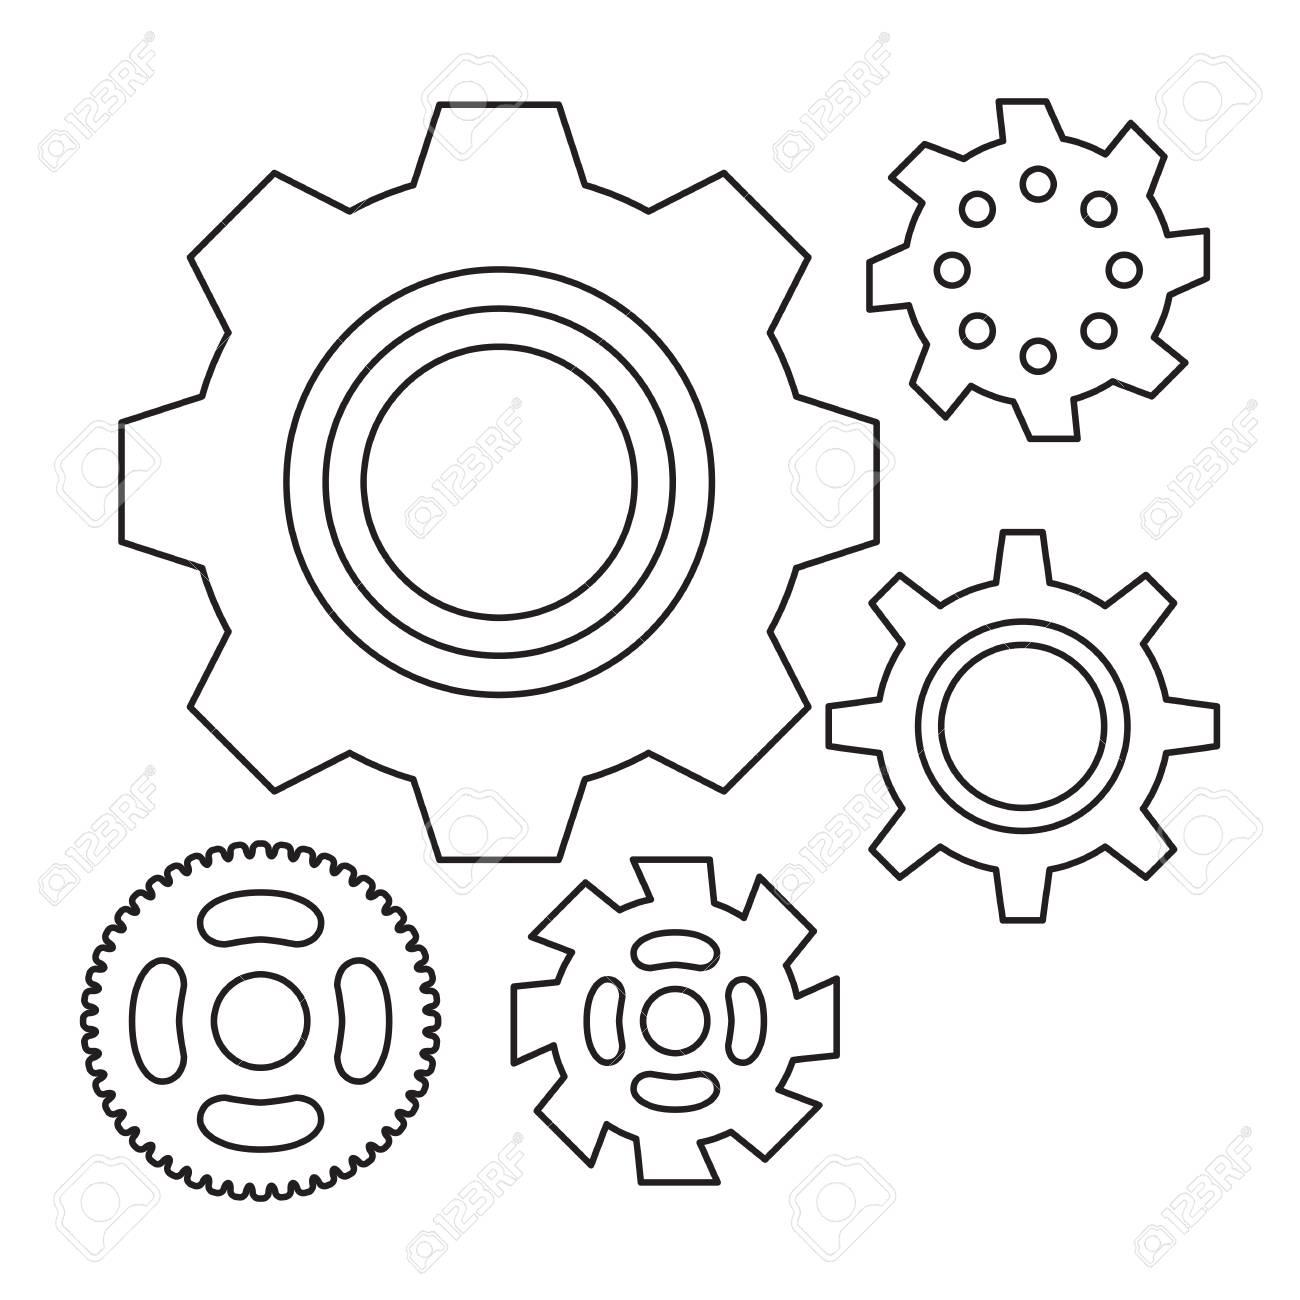 Einfaches Zahnrad Oder Zahnrad-Vektor-Ikone. Maschine, Technologie ...